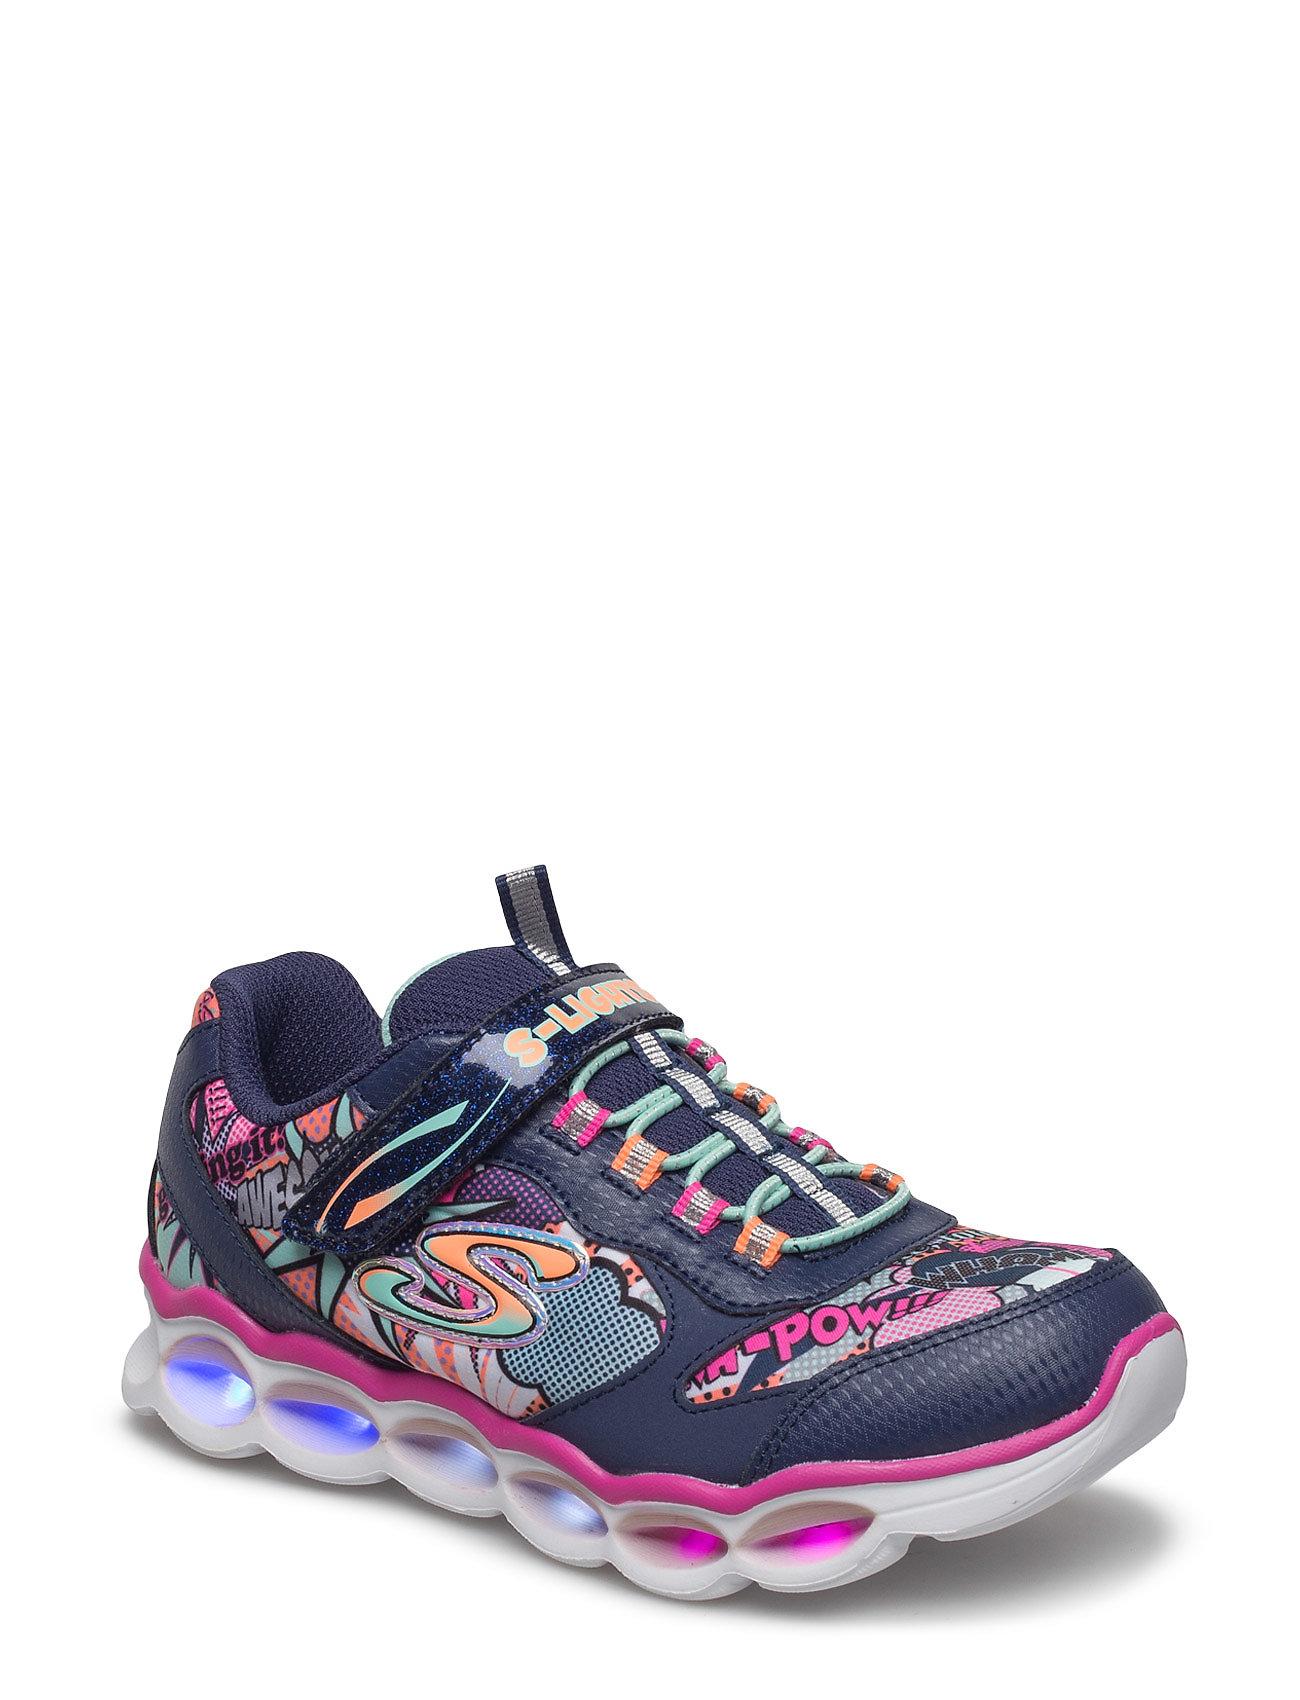 Girls Lumi Luxe Skechers Sko & Sneakers til Børn i